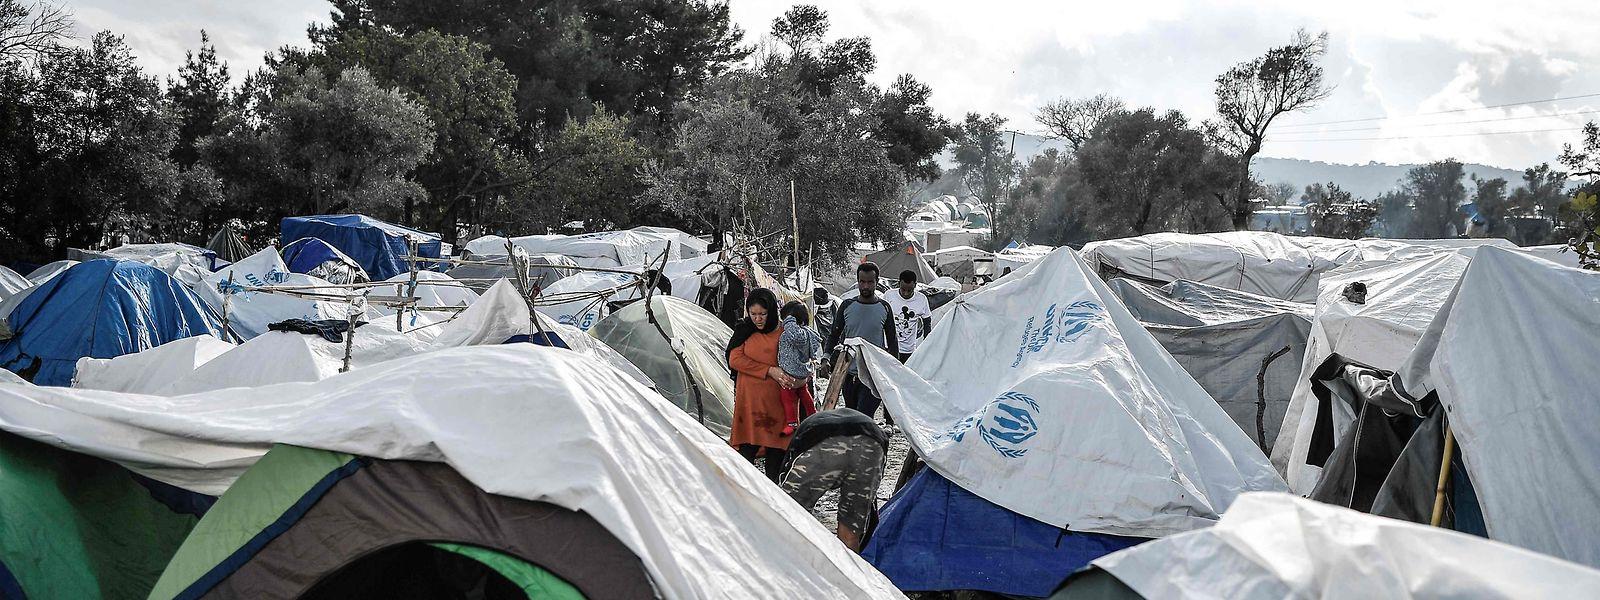 Besonders prekär ist die Lage derzeit für Griechenland: Viele Flüchtlingslager sind hoffnungslos überfüllt.